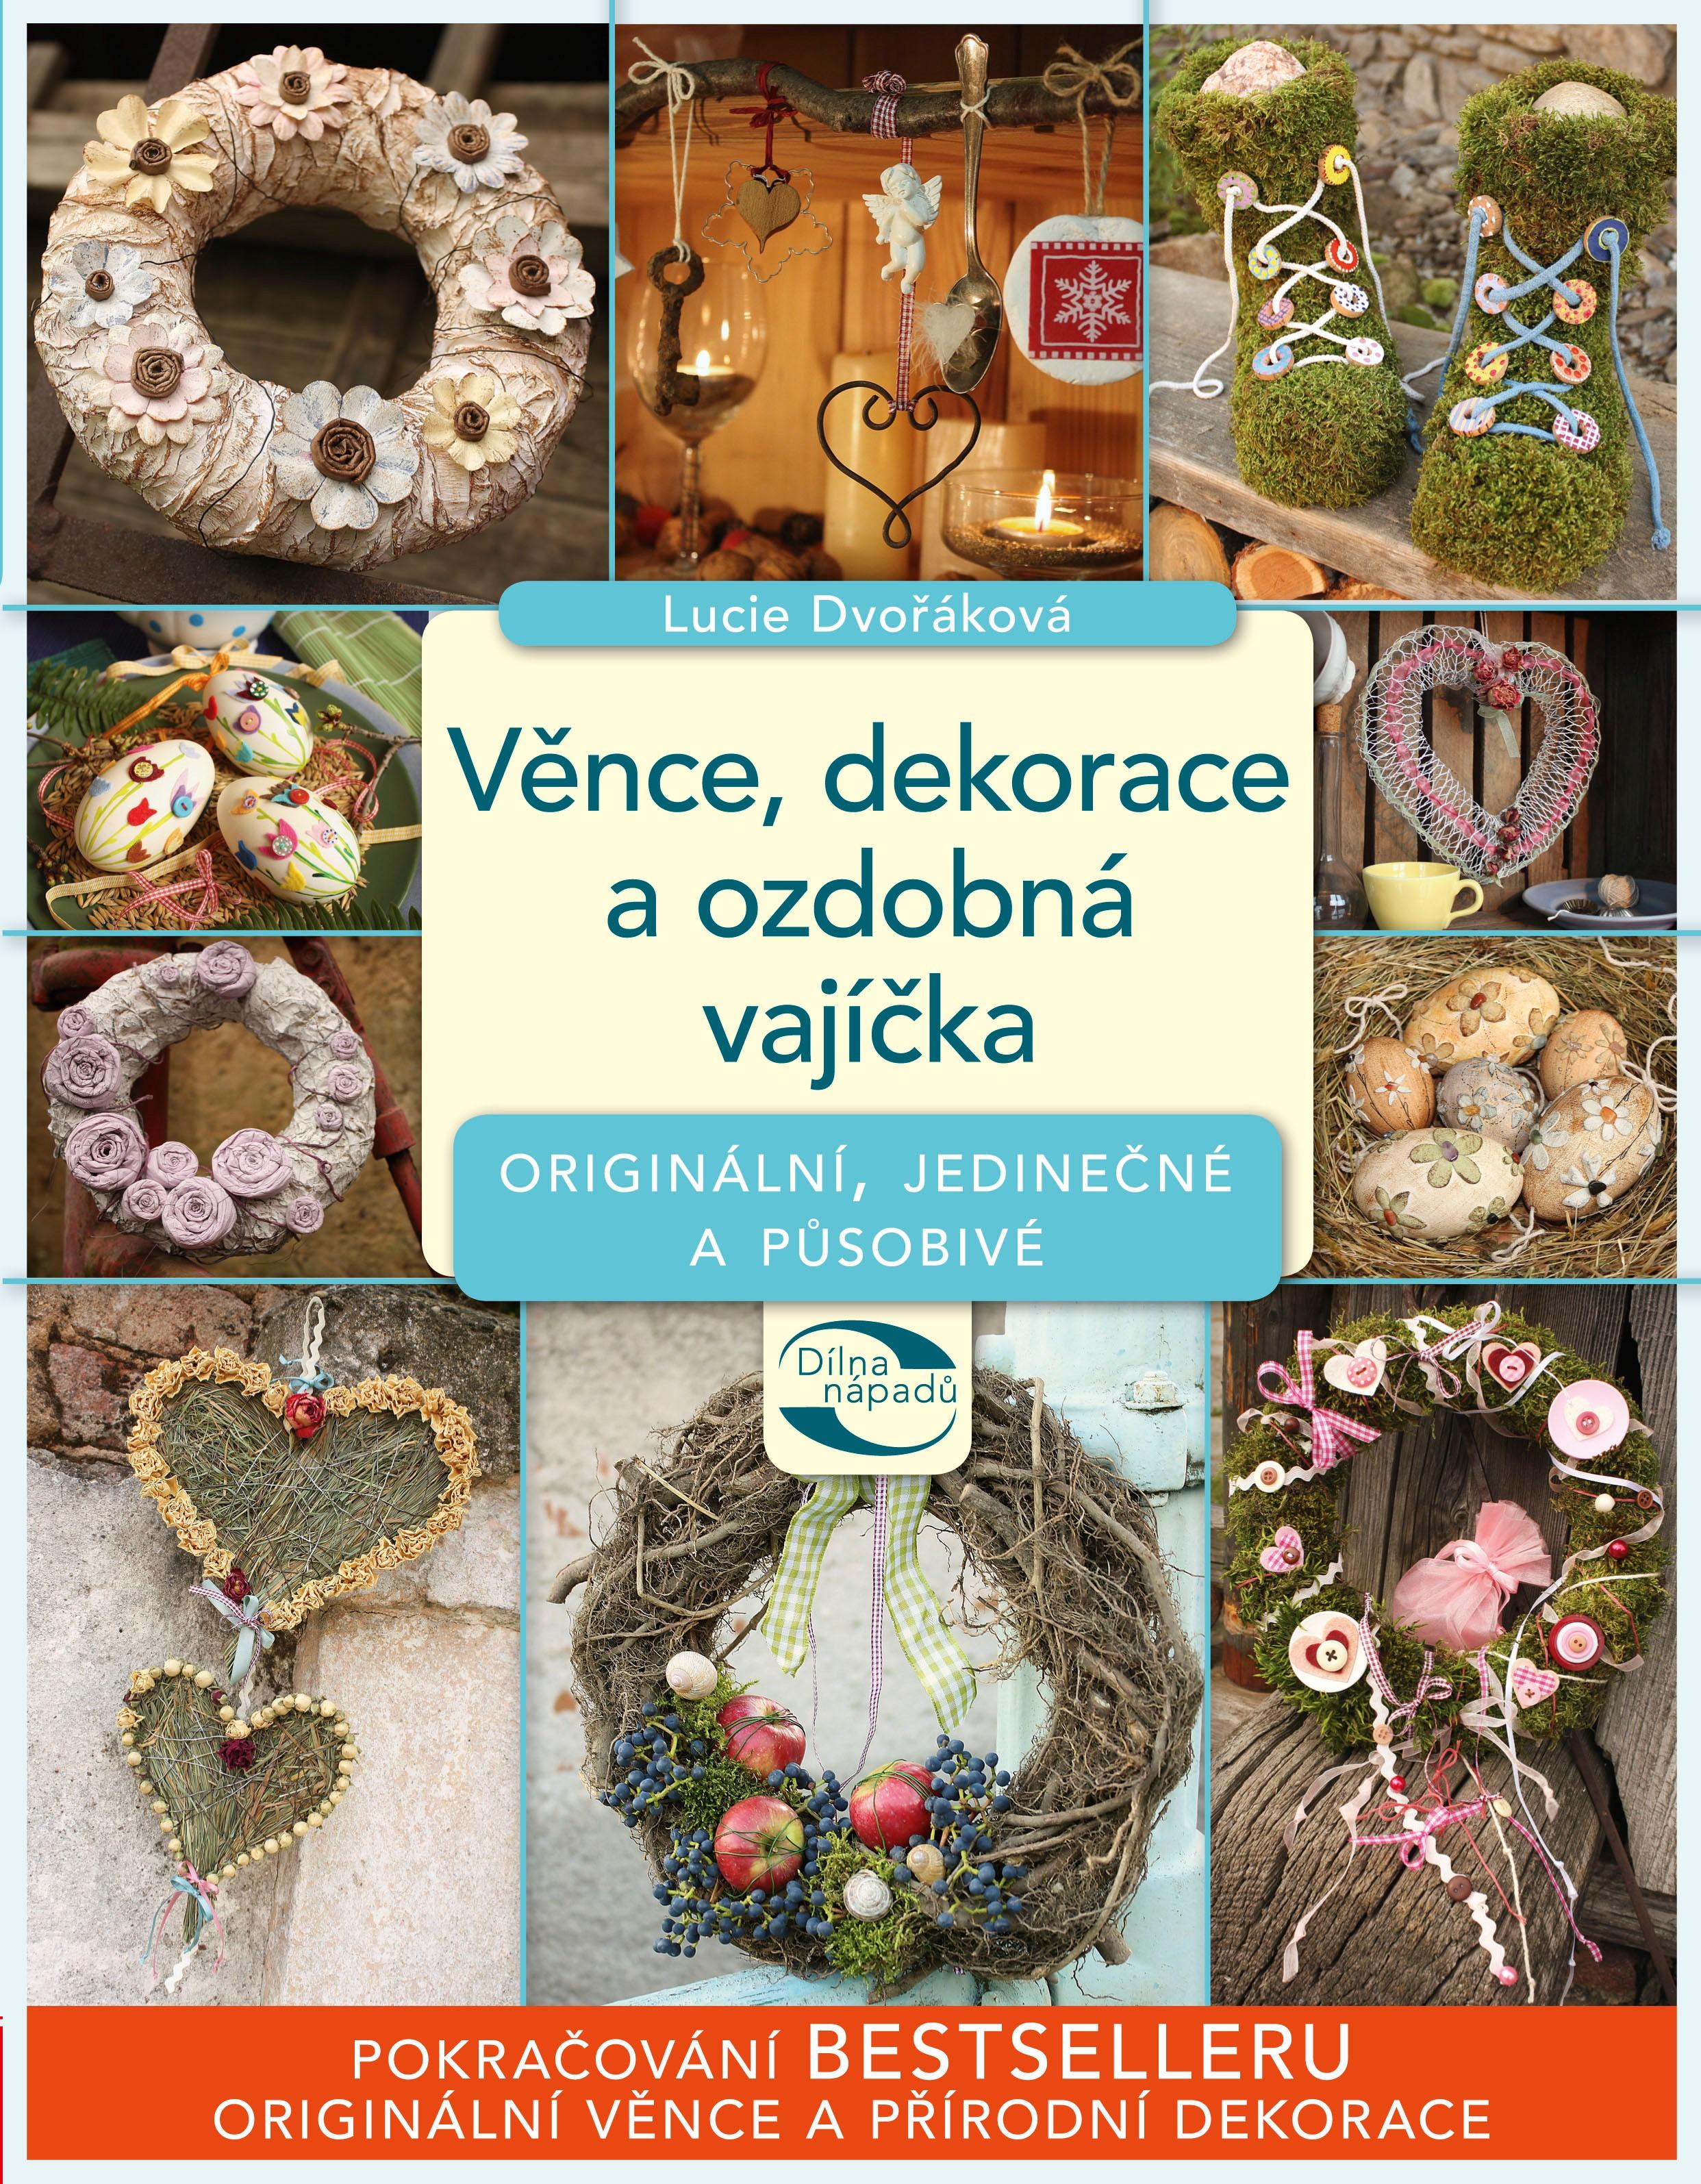 Věnce, dekorace a ozdobná vajíčka   Lucie Dvořáková